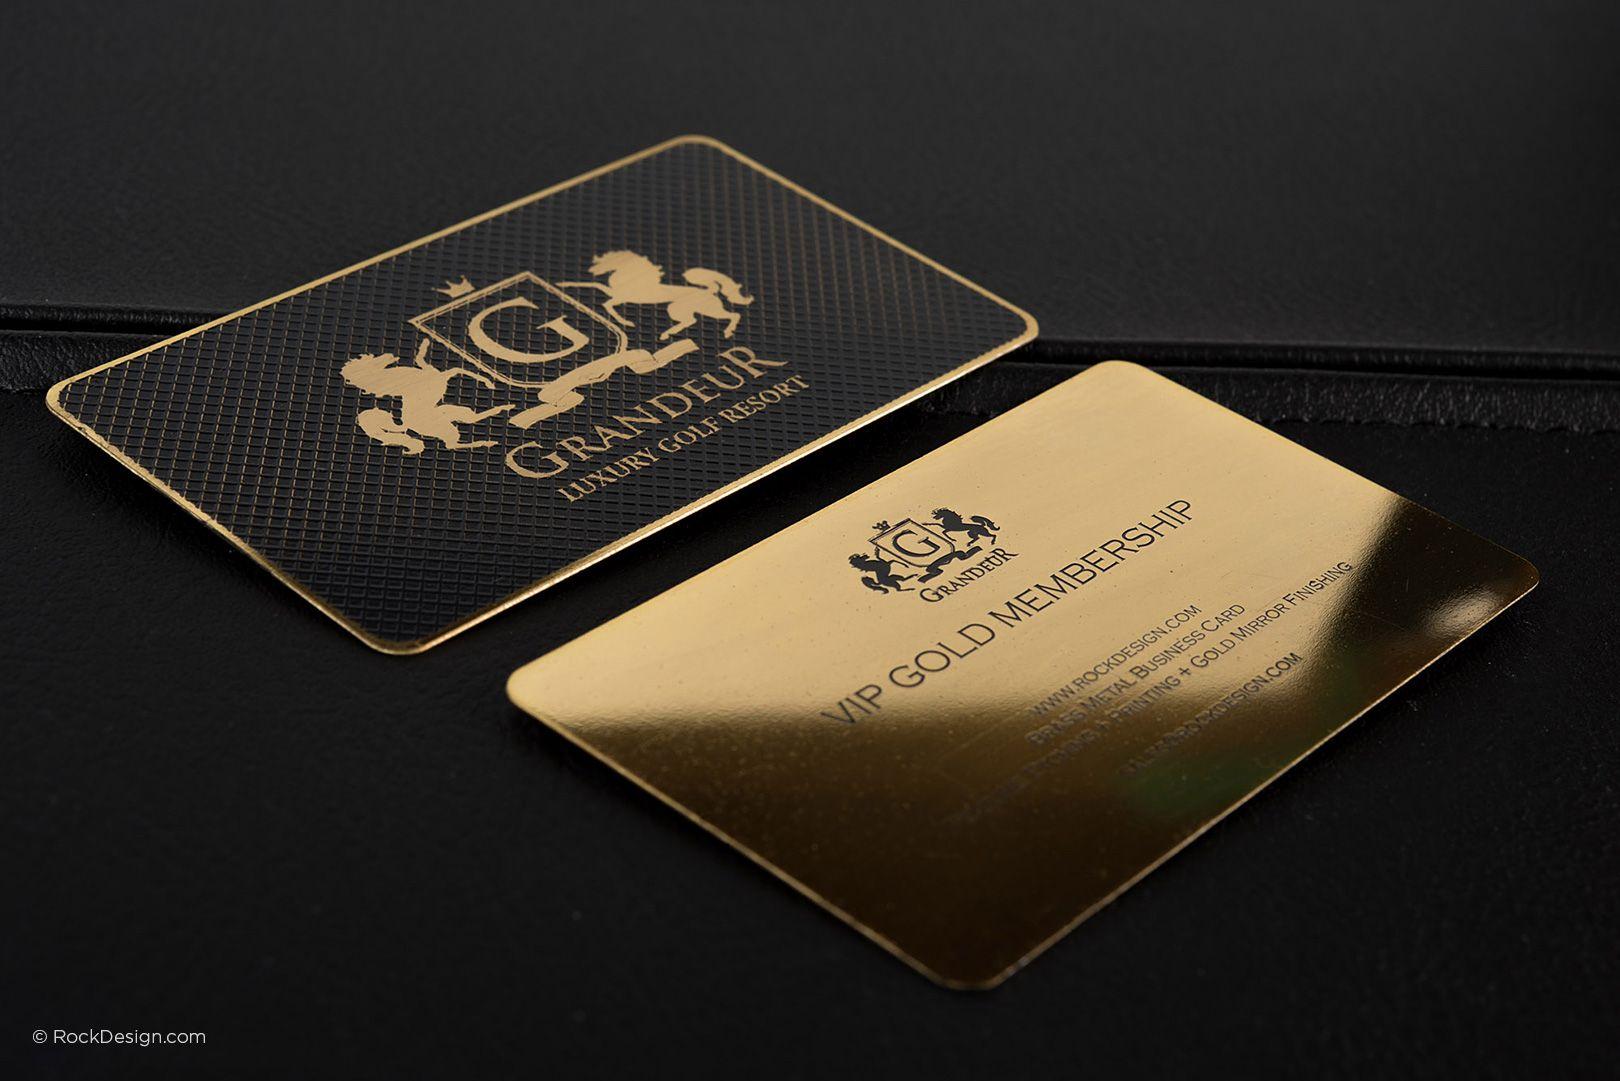 Luxury gold metal business card grandeur rockdesign luxury luxury gold metal business card grandeur rockdesign luxury business card printing colourmoves